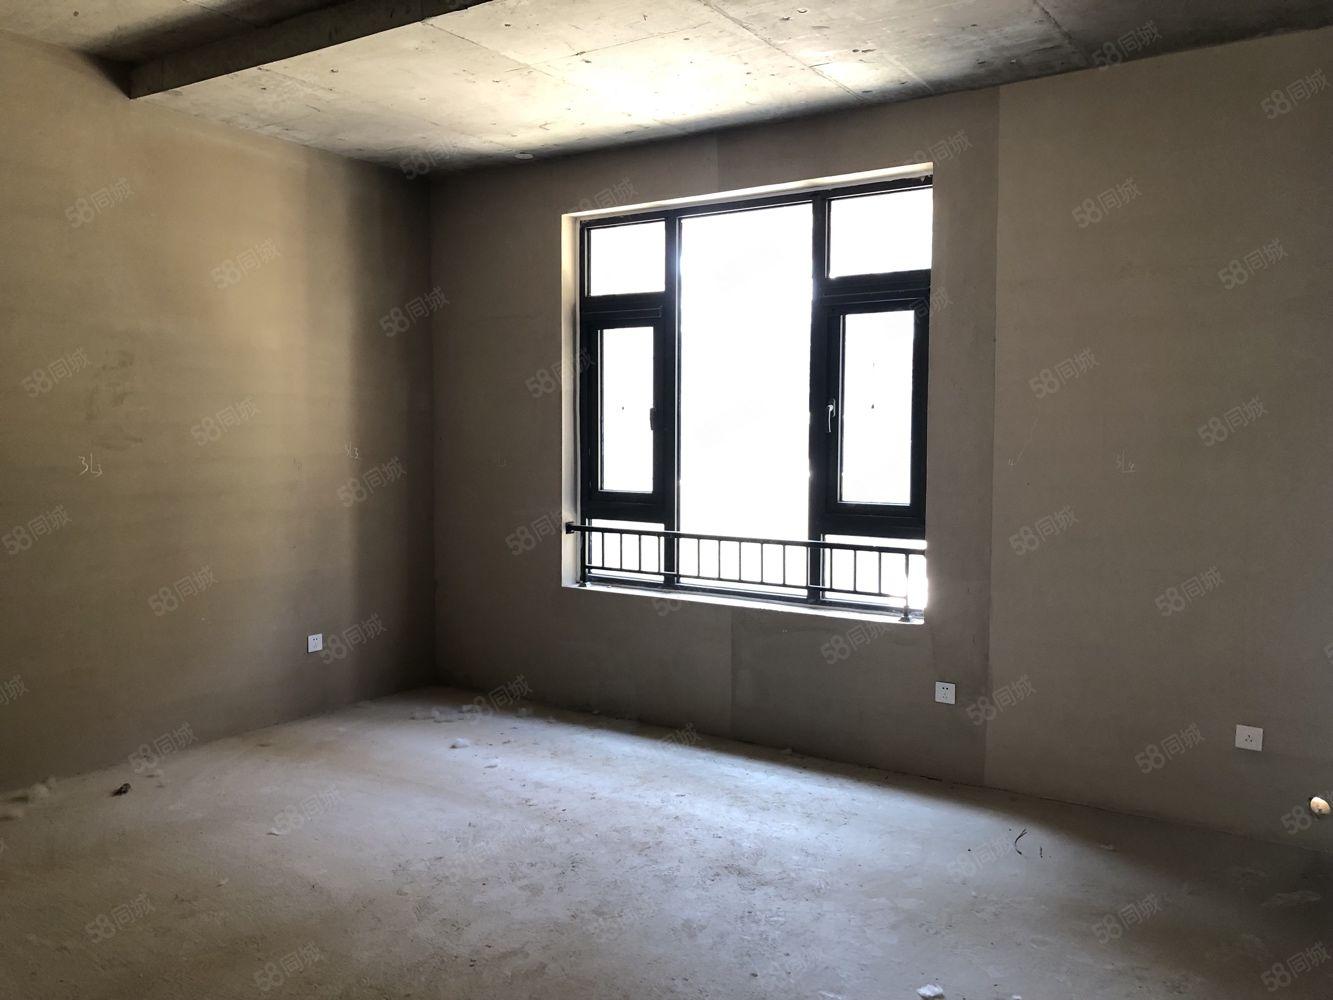 環京固安華夏劍橋郡大湖邊聯排新別墅固安別墅獨棟,英倫風格。